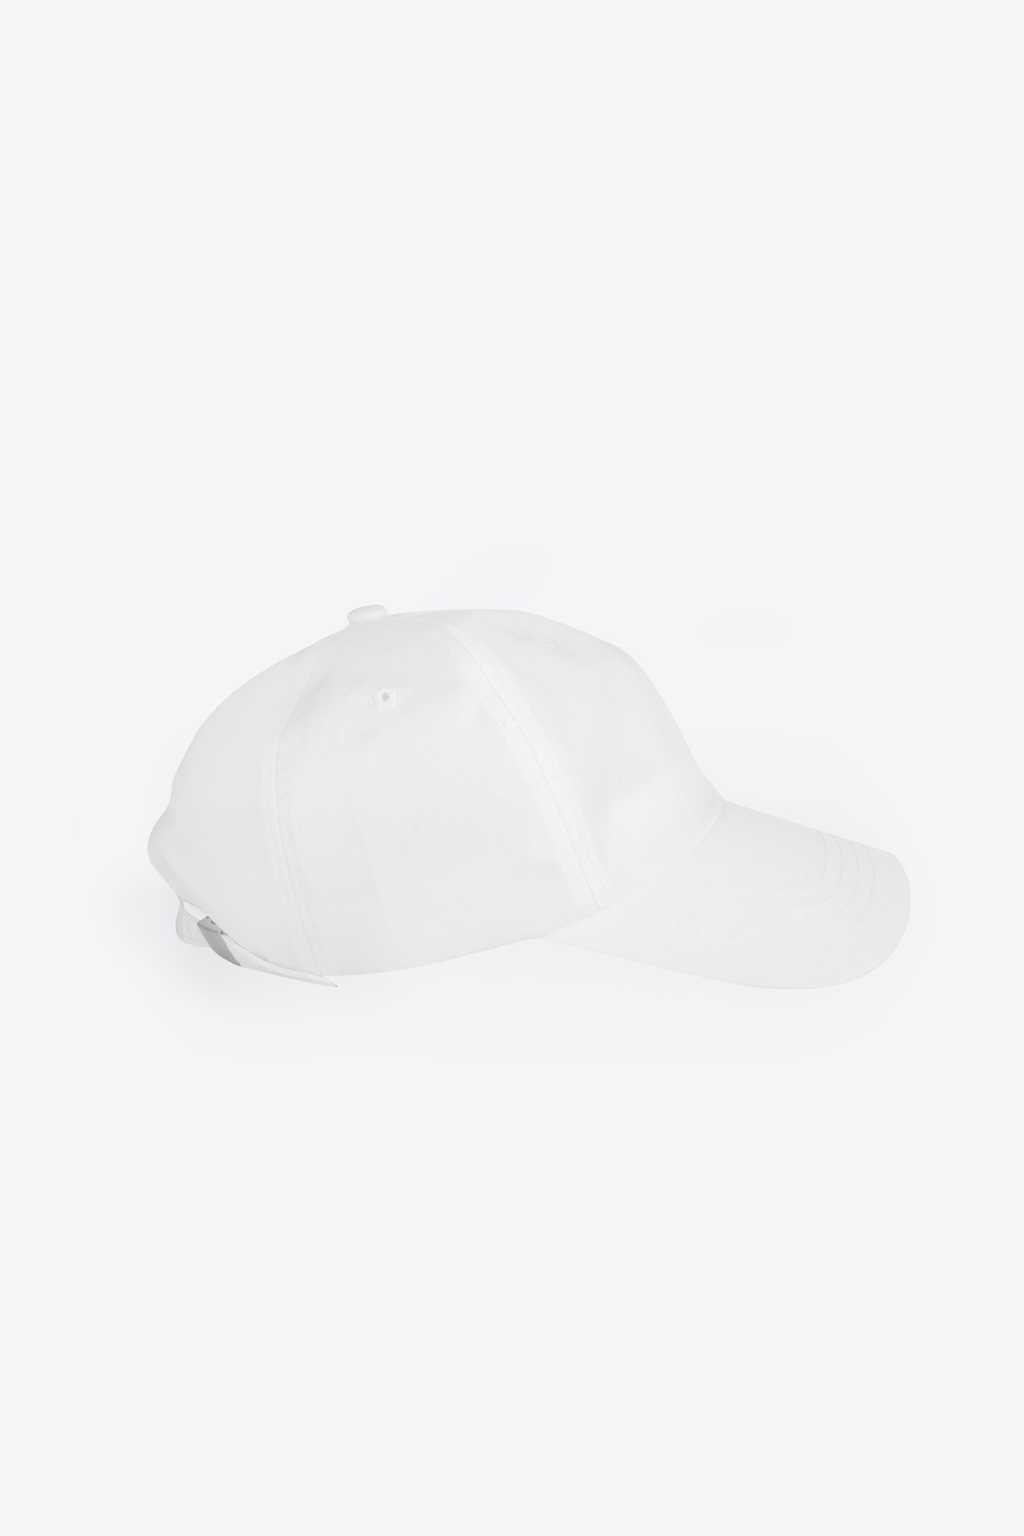 Hat H003 Cream 3